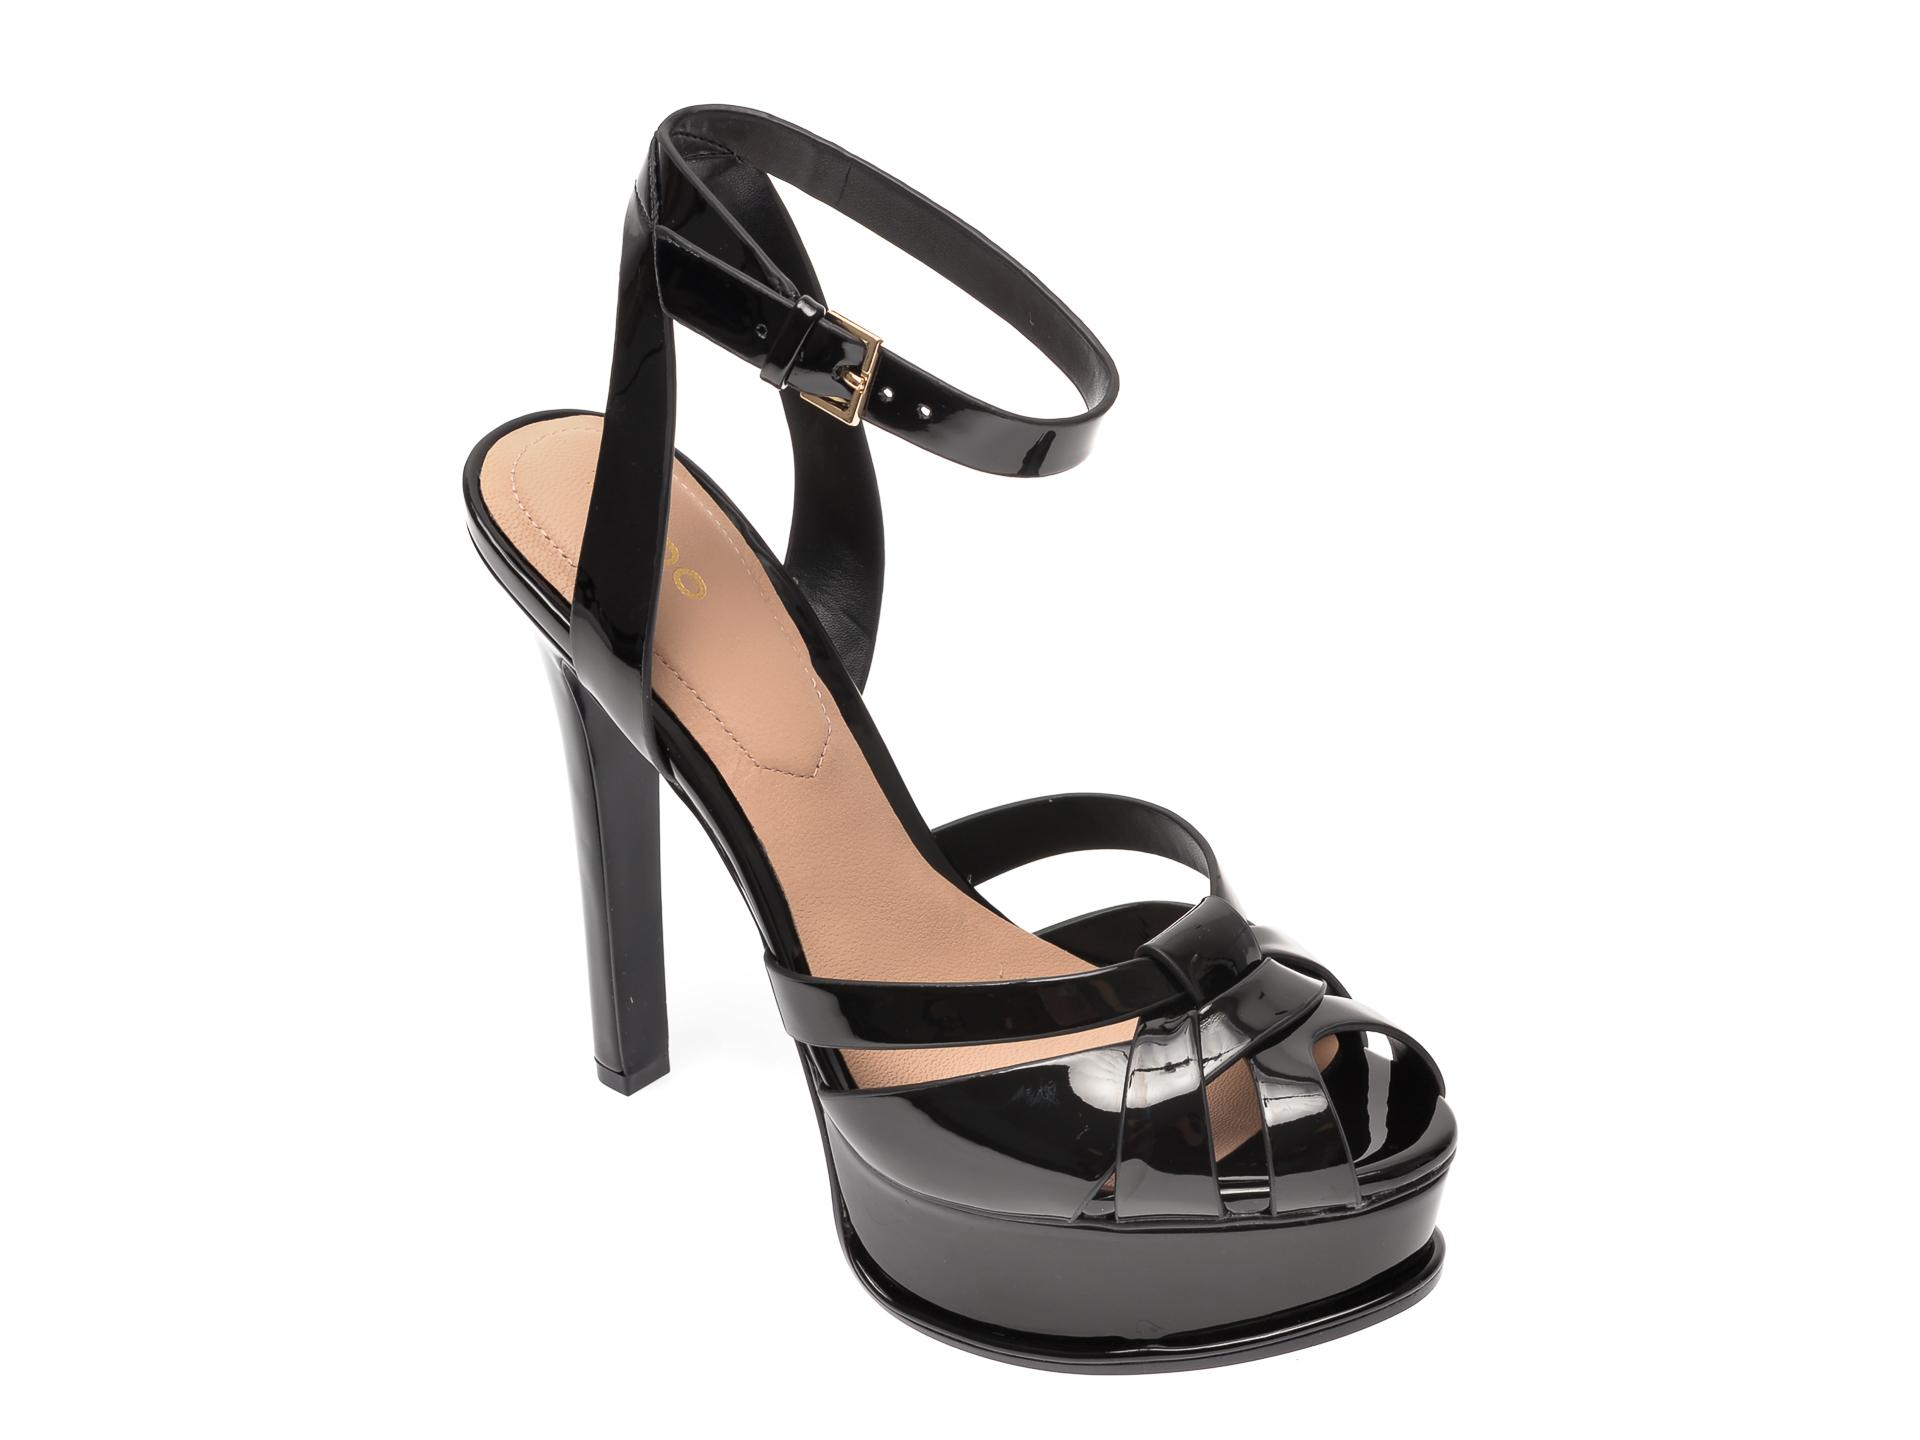 Sandale ALDO negre, Lacla001, din piele ecologica imagine